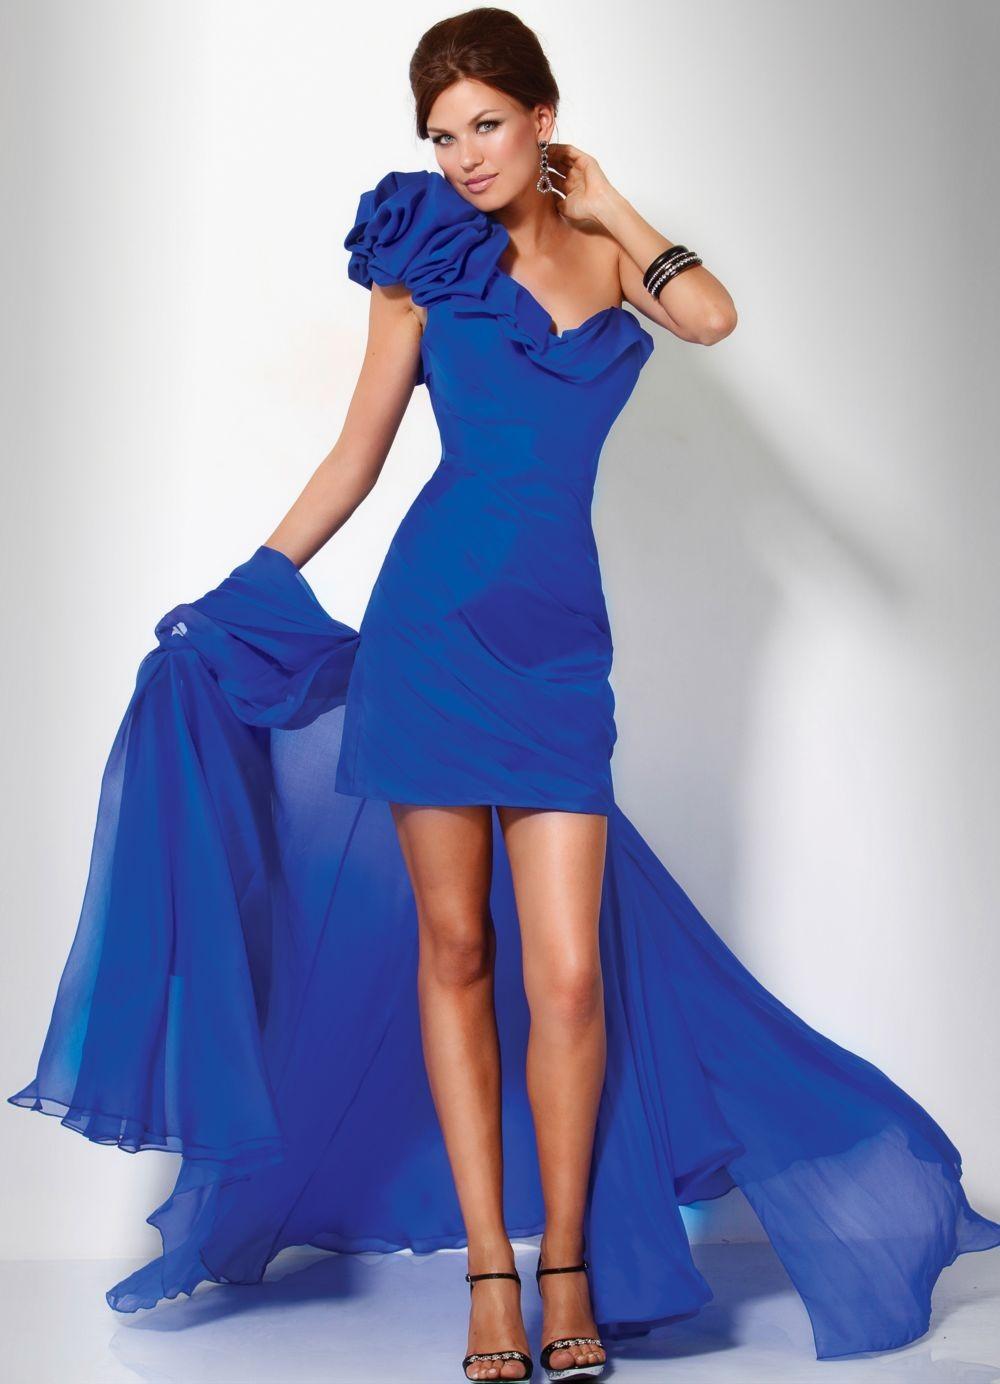 платья на выпускной 9 класс самые красивые: платье синее по фигуре